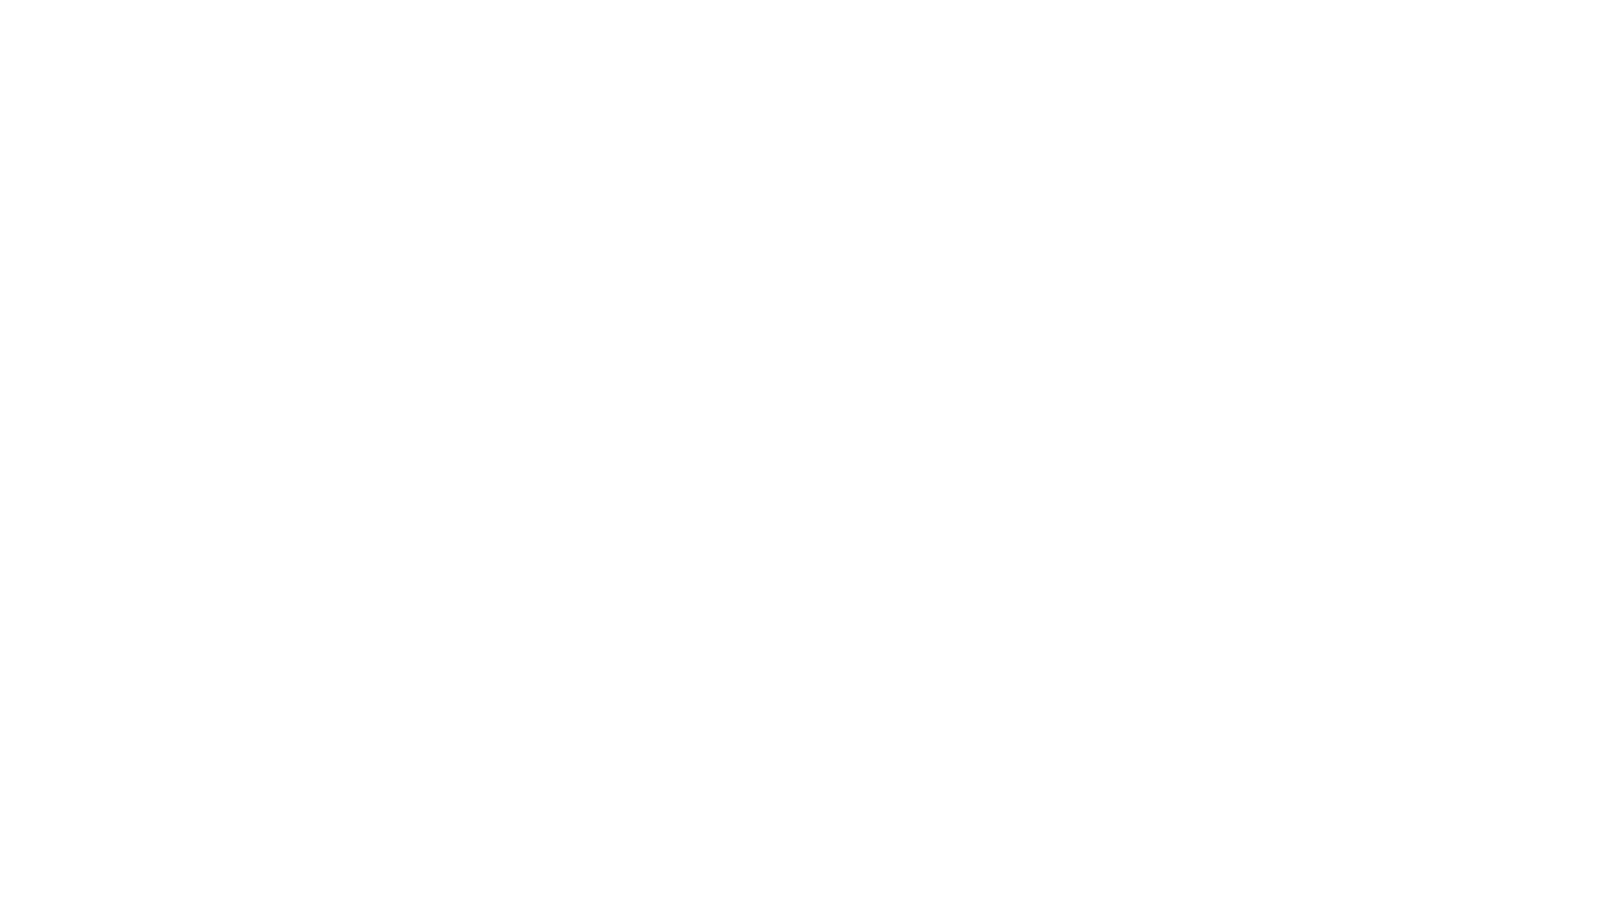 """Sesto appuntamento del format di Ondawebtv """"Ti ci porto io"""" a cura delle Guide Turistiche della Regione Campania - Caserta. La Basilica di Sant'Angelo in Formis. 🌼Buon ascolto e buona visione con l'informazione culturale made in Caserta! 📲 Iscrivetevi al canale YouTube di Ondawebtv e seguite le nostre pagine su FB, Instagram e Spotify"""